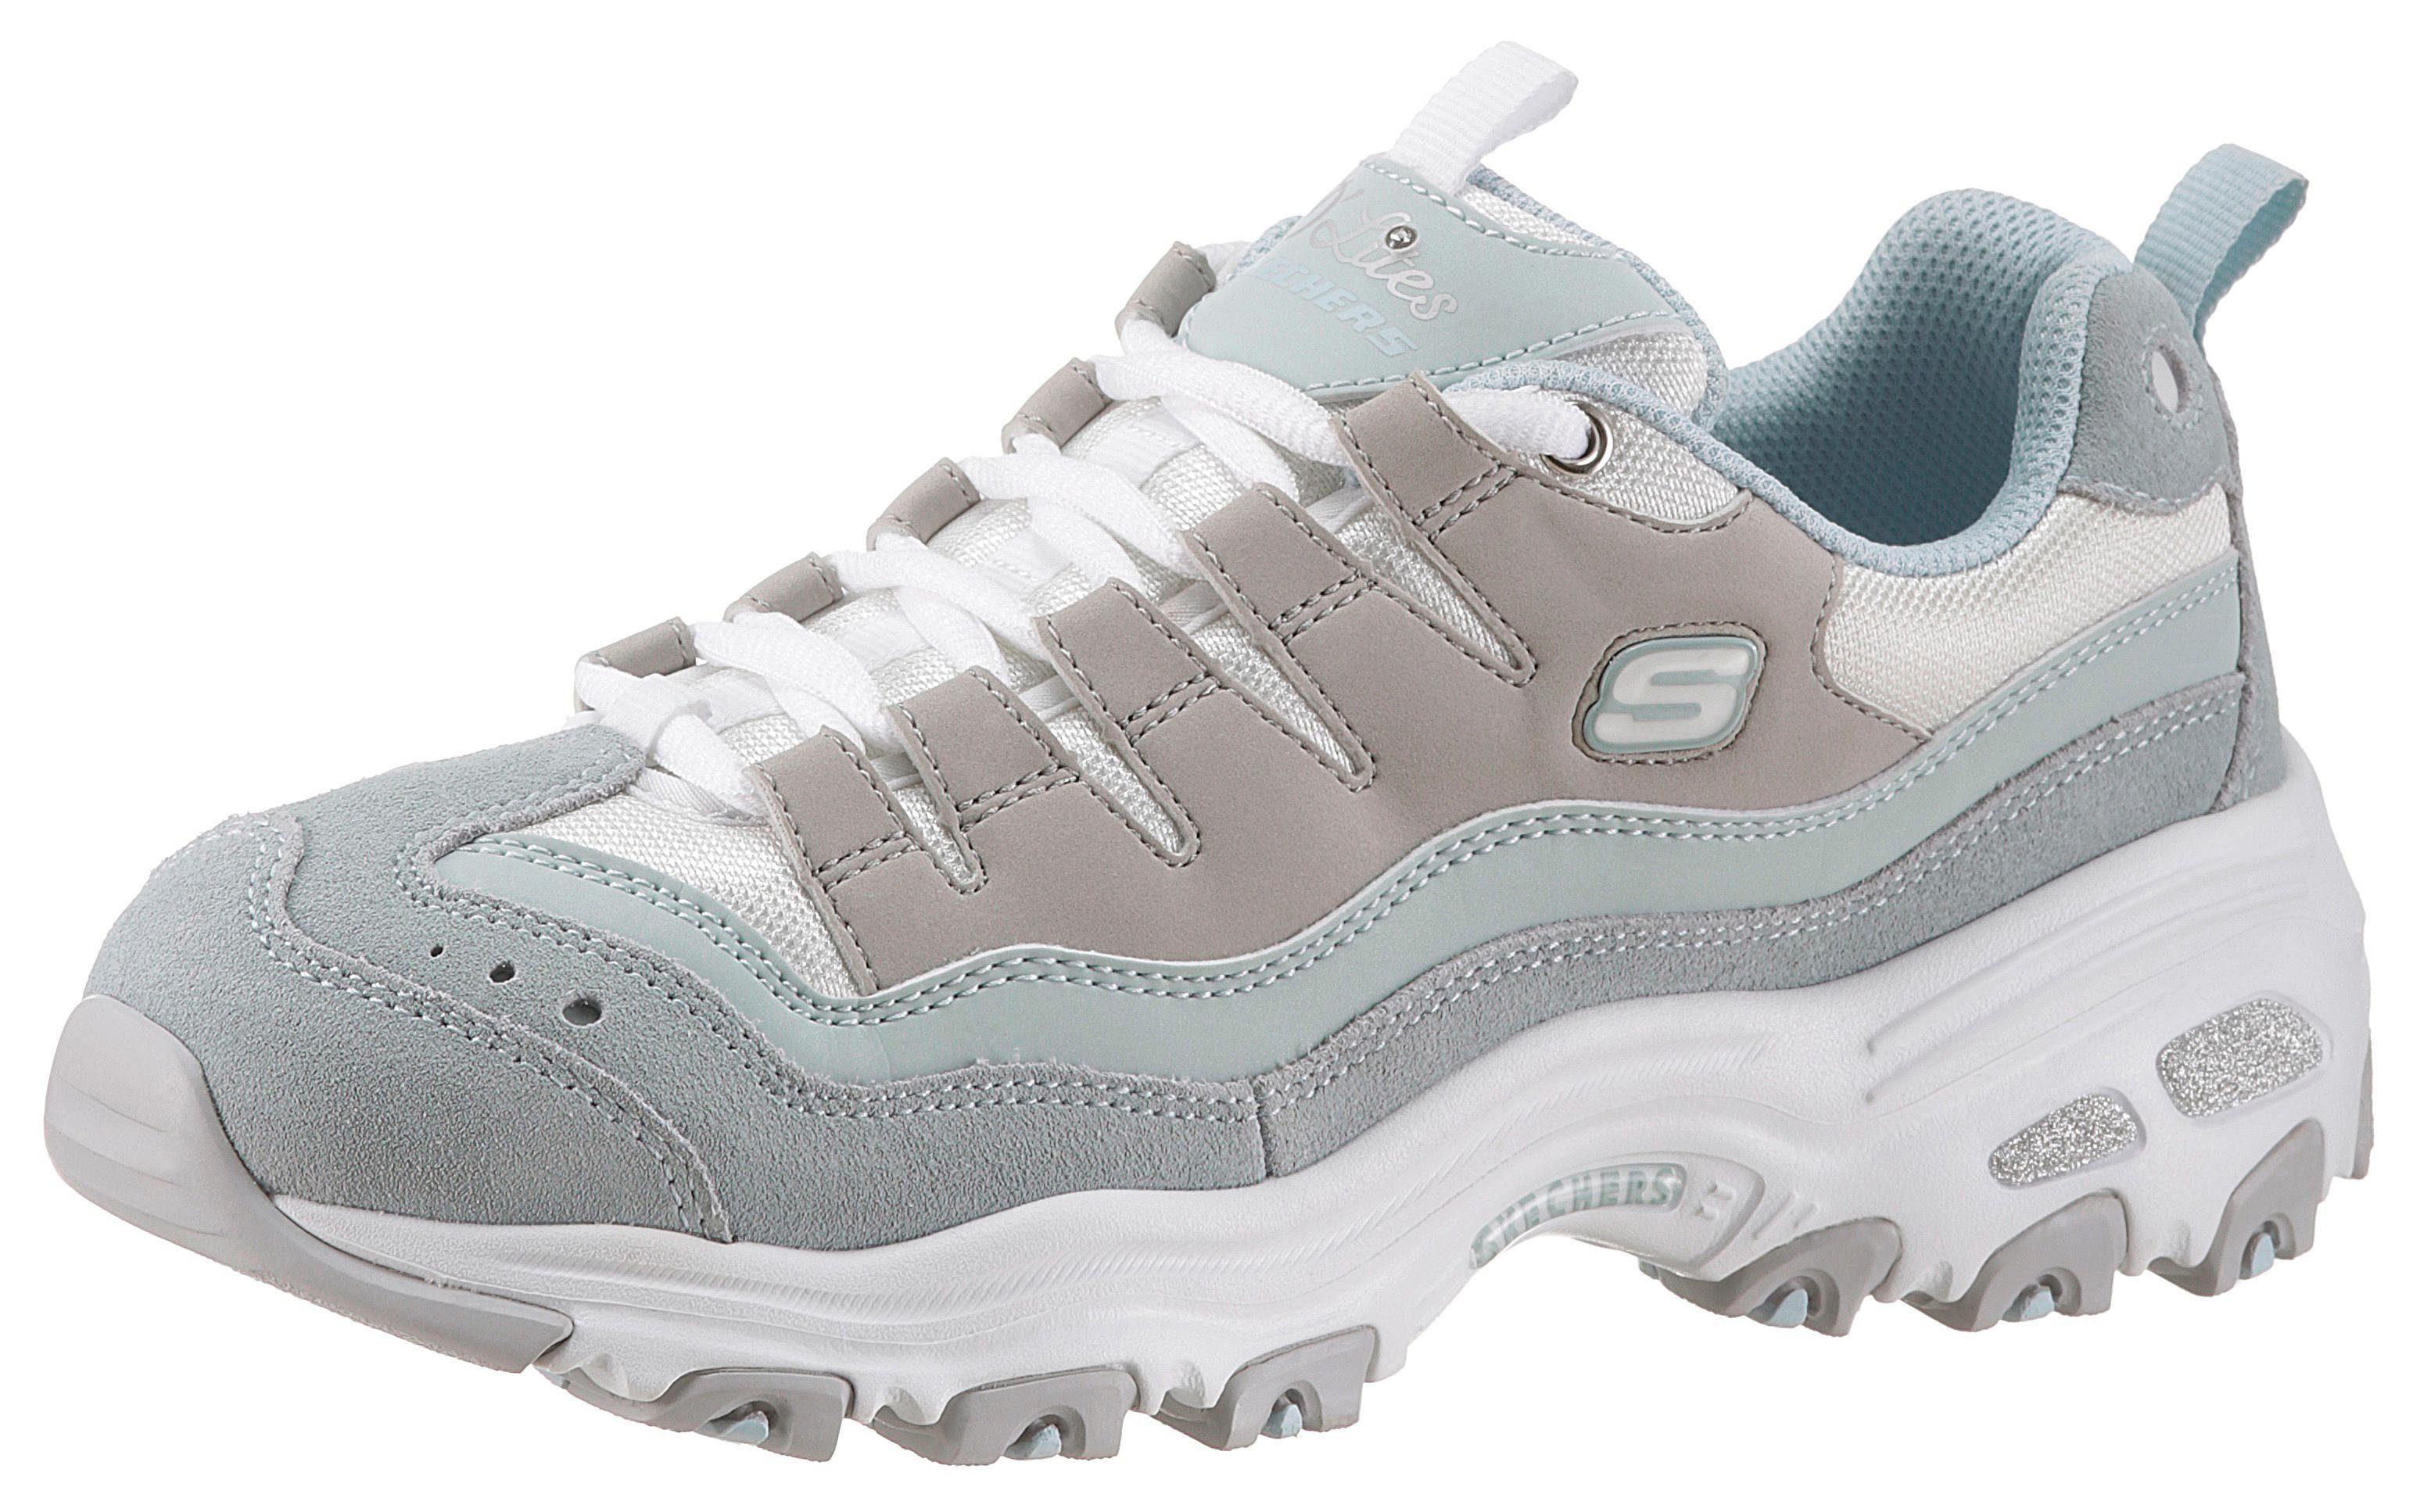 Skechers »D´Lites Cool Change« Sneaker mit dezenten Glitzerdetails online kaufen | OTTO